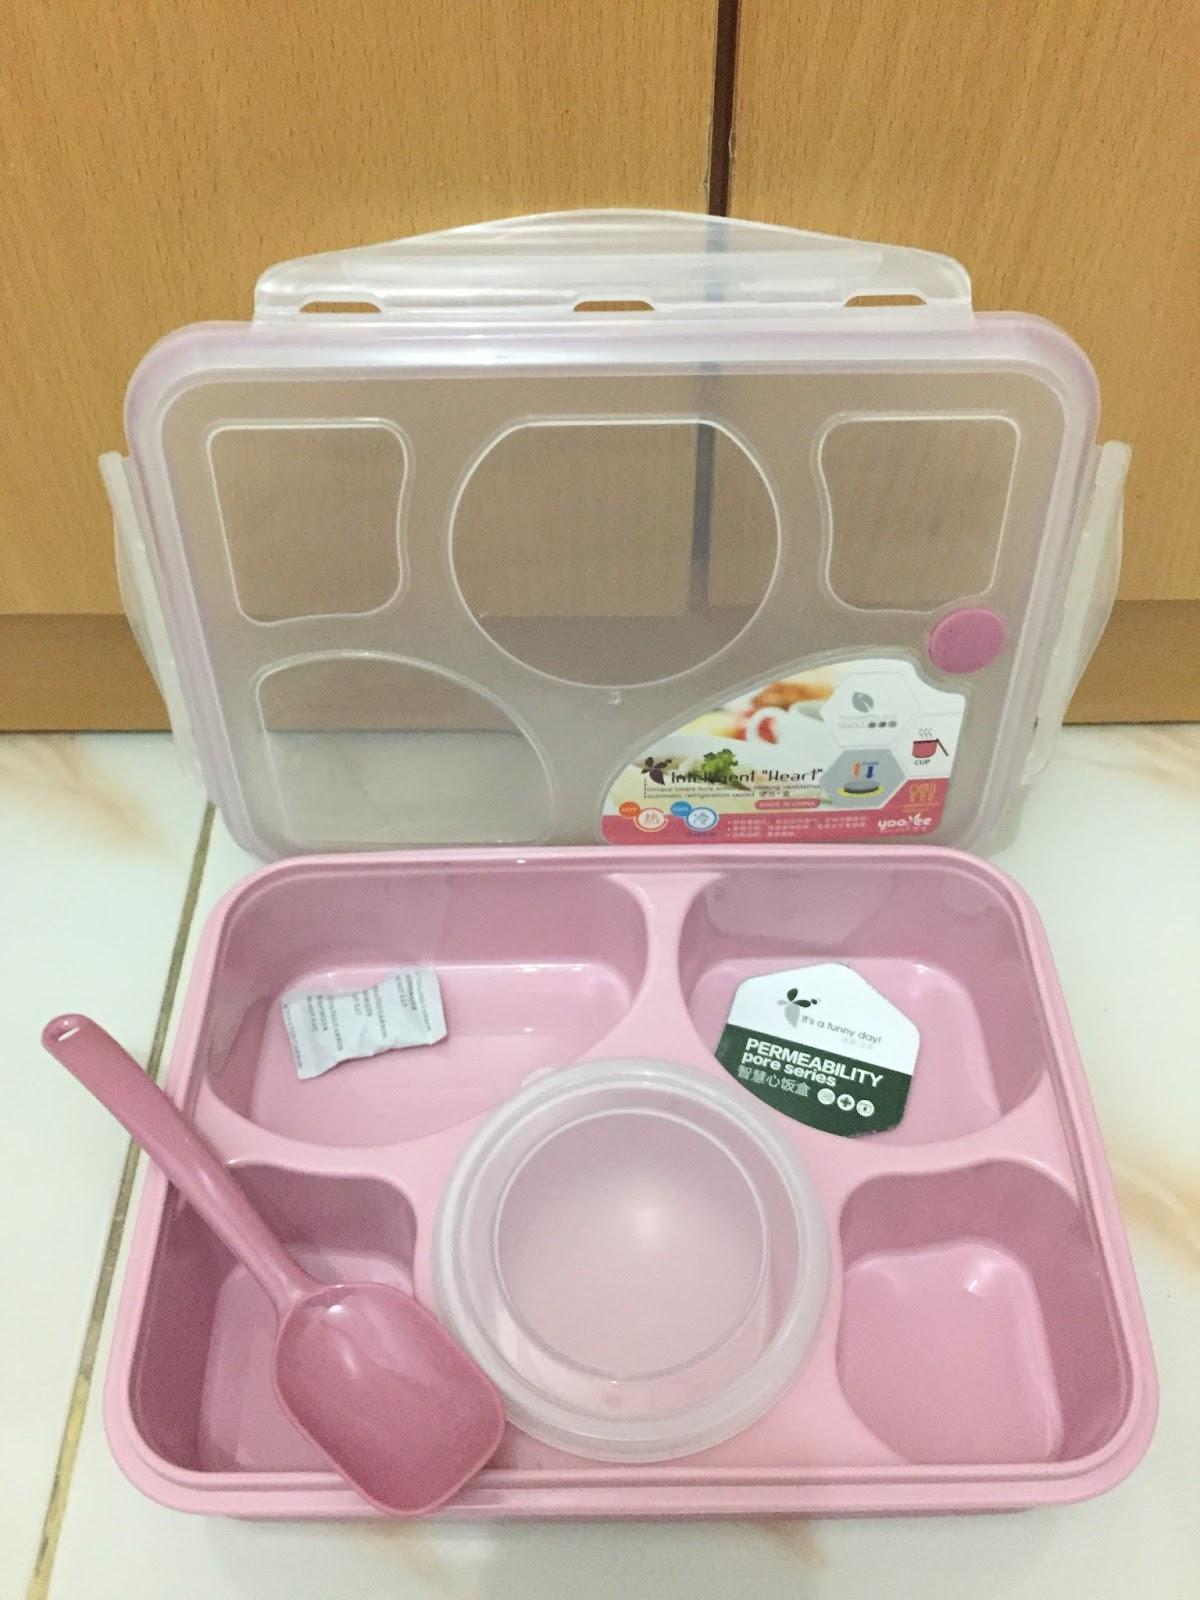 Barang Keren Unik Lunch Box Yooyee 5 Sekat Kotak Makan Lunchbox 4 Sup Terdapat Lubang Ventilasi Yang Dapat Dibuka Atau Ditutup Sesuai Kebutuhan Untuk Penguapan Digunakan Menjaga Kadar Kelembapan